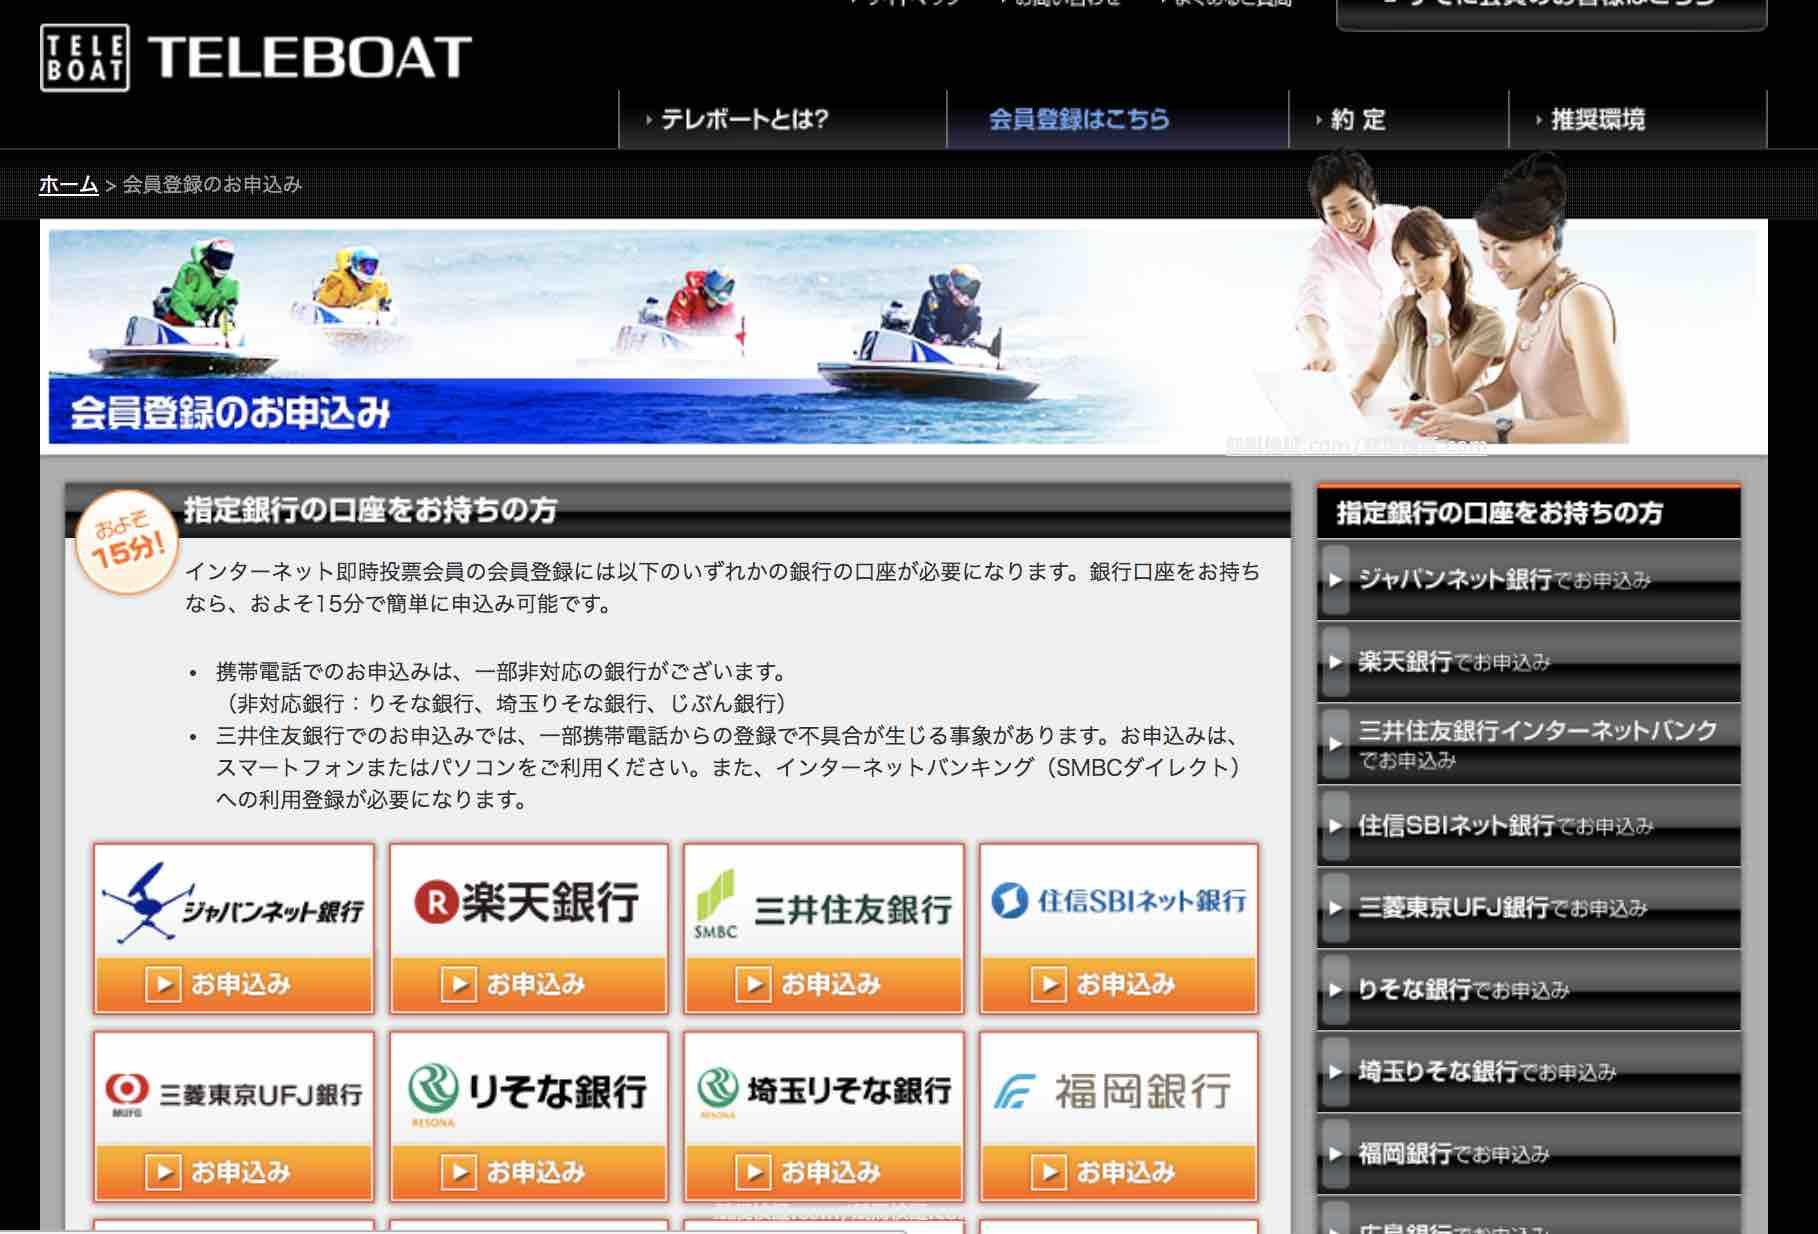 競艇予想サイトを使うならテレボートで指定銀行の口座が必要